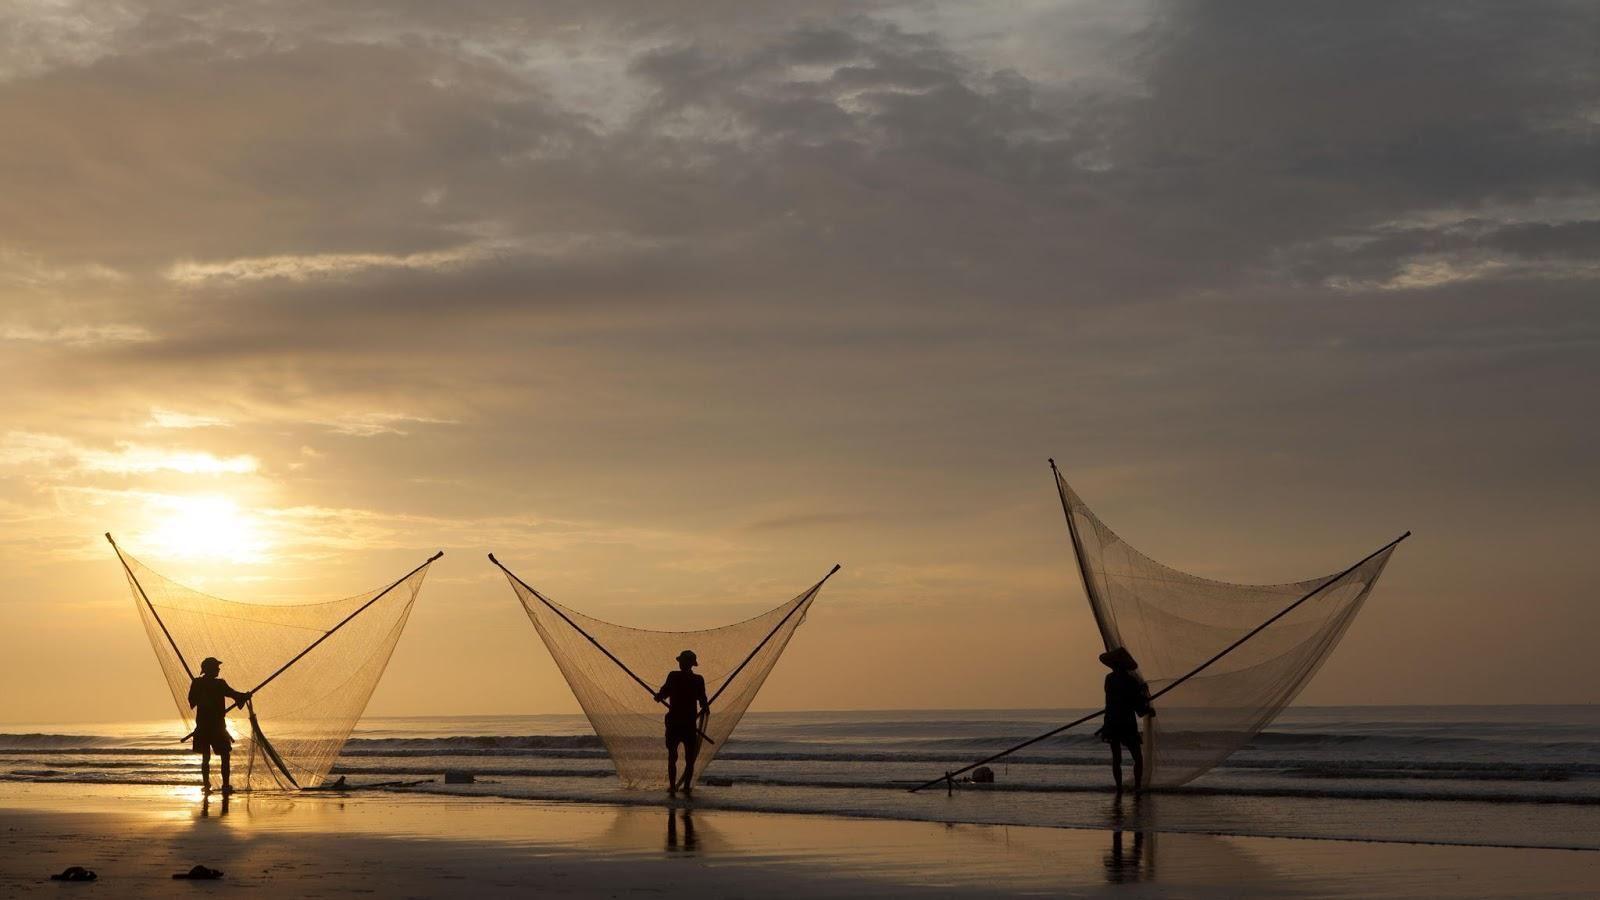 Hình ảnh thường thấy tại bãi biển Long Thịnh lúc bình minh - Ảnh: Le Bich